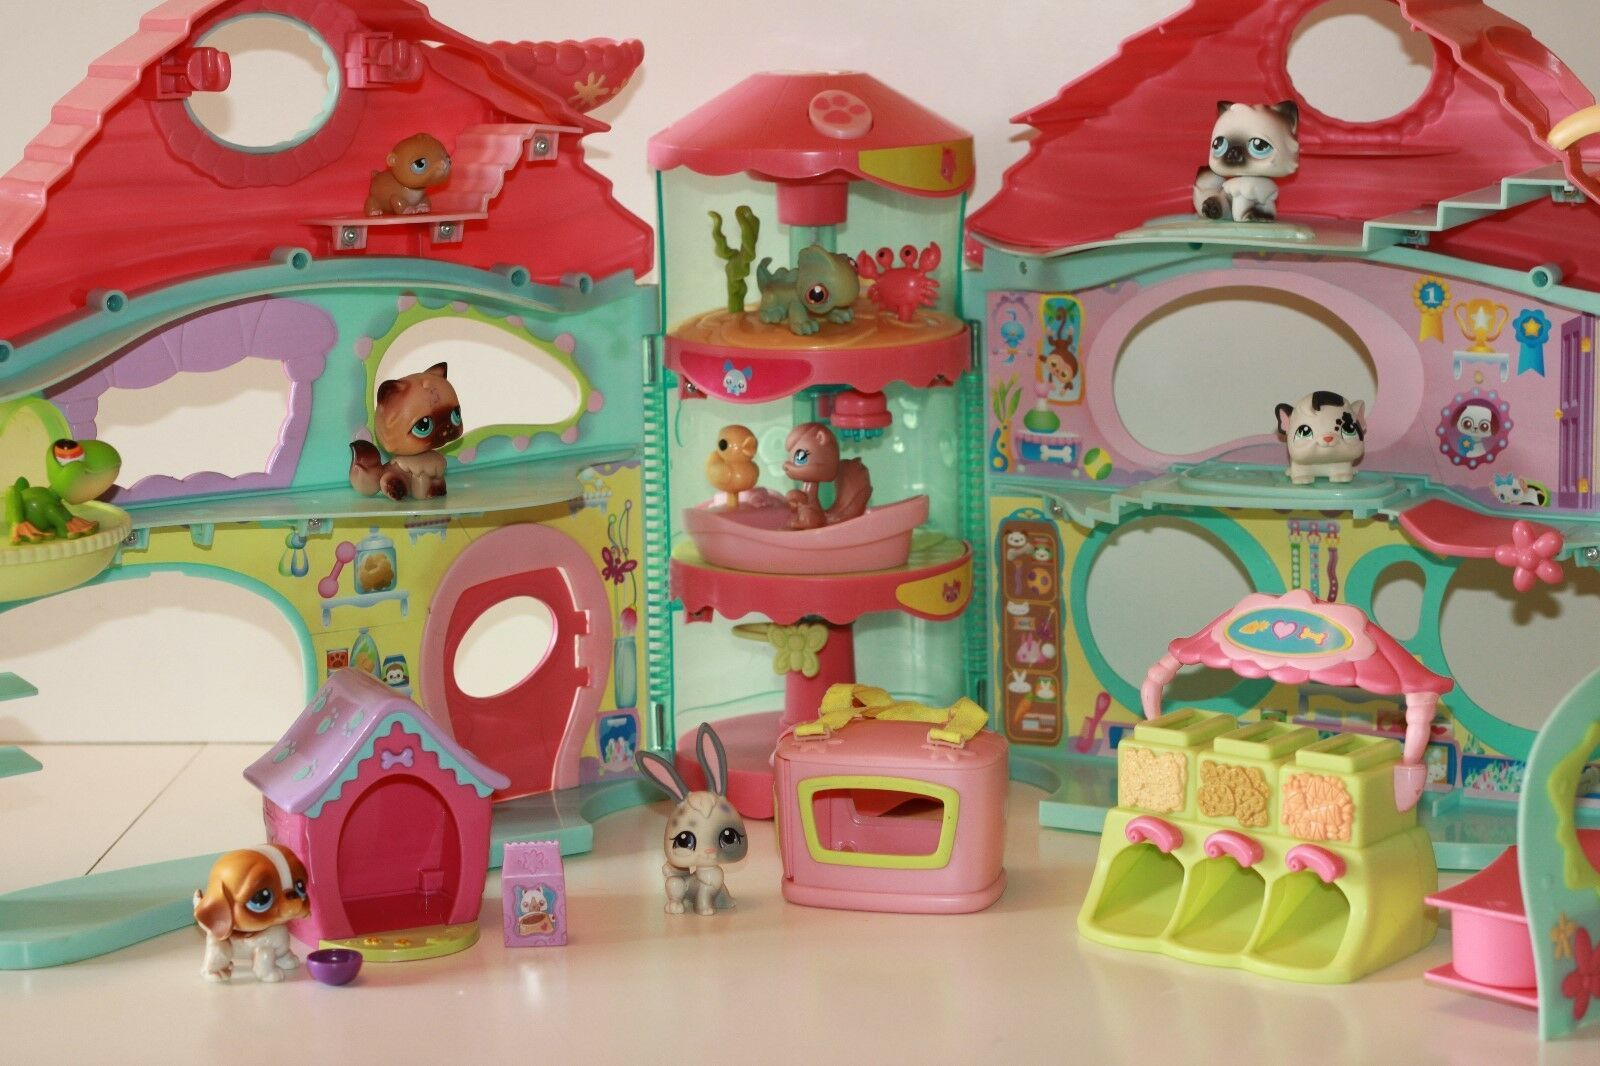 Biggest Littlest Pet Shop Lps House Play Set 10 Figures